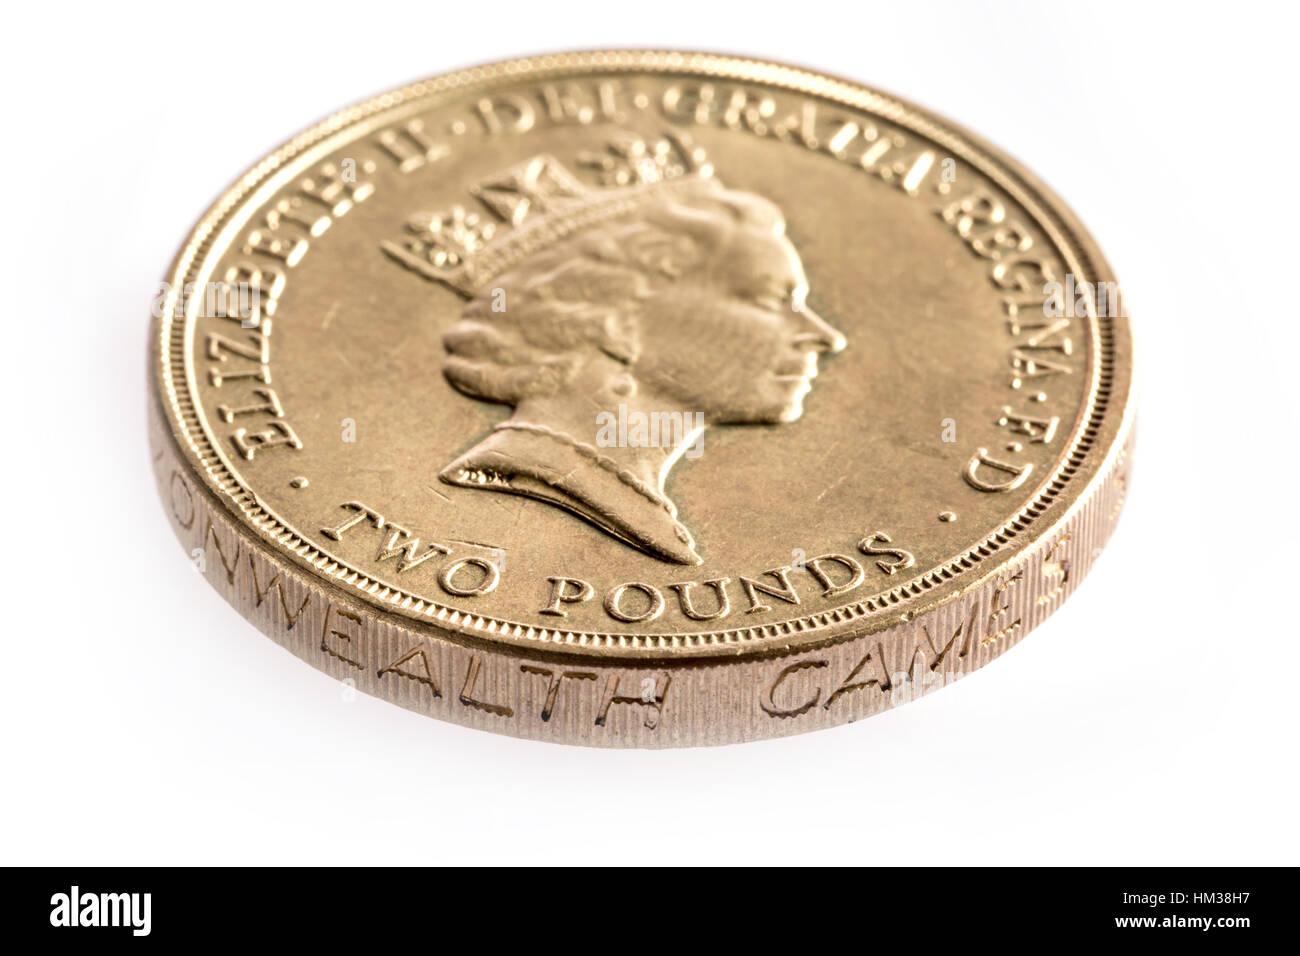 1986-zwei Pfund-Münze eingeführt, um den Commonwealth Games markieren Stockbild